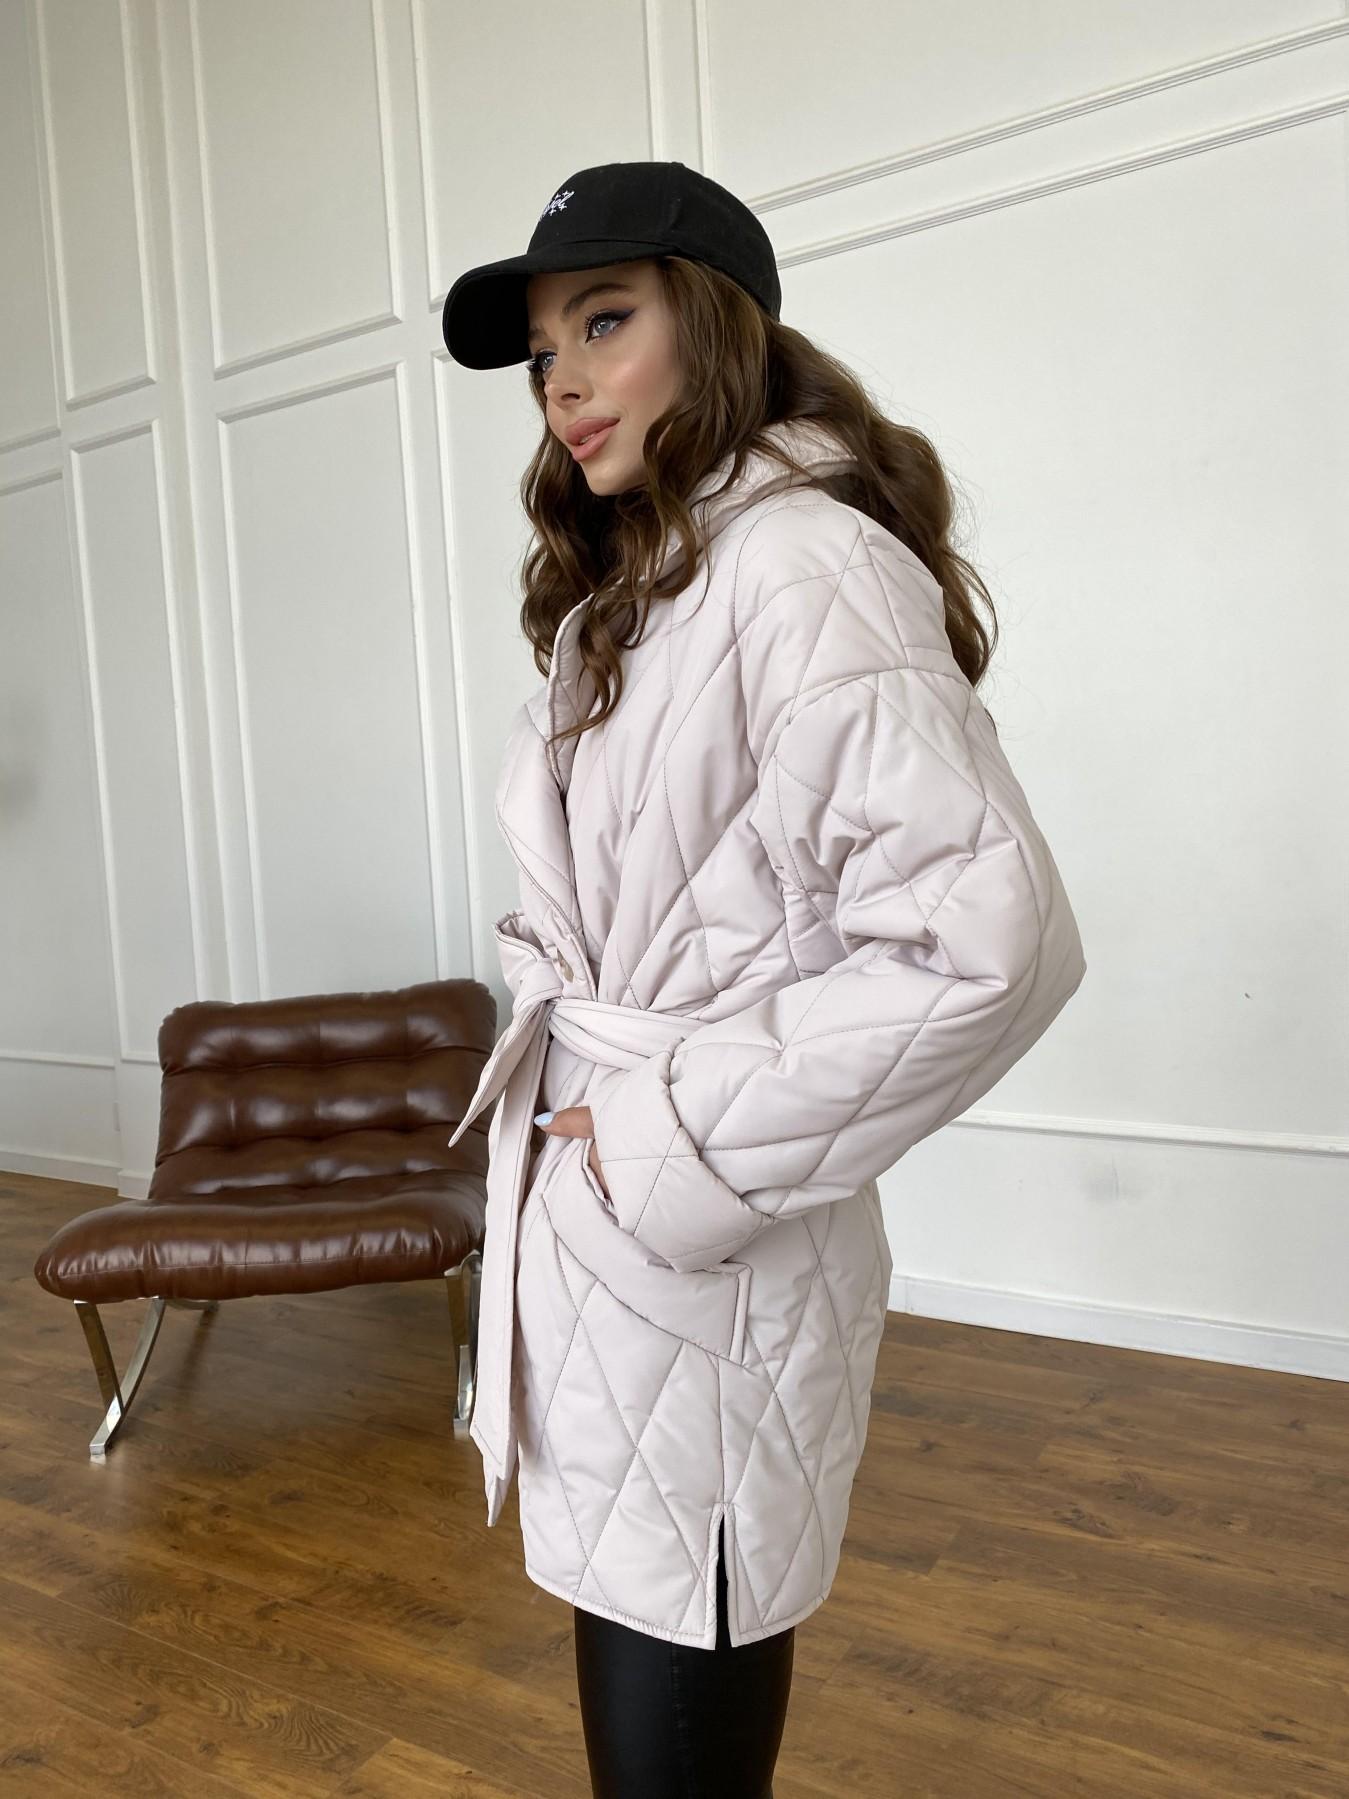 Норд куртка из плащевой ткани стеганая 10883 АРТ. 47551 Цвет: Бежевый 970 - фото 4, интернет магазин tm-modus.ru